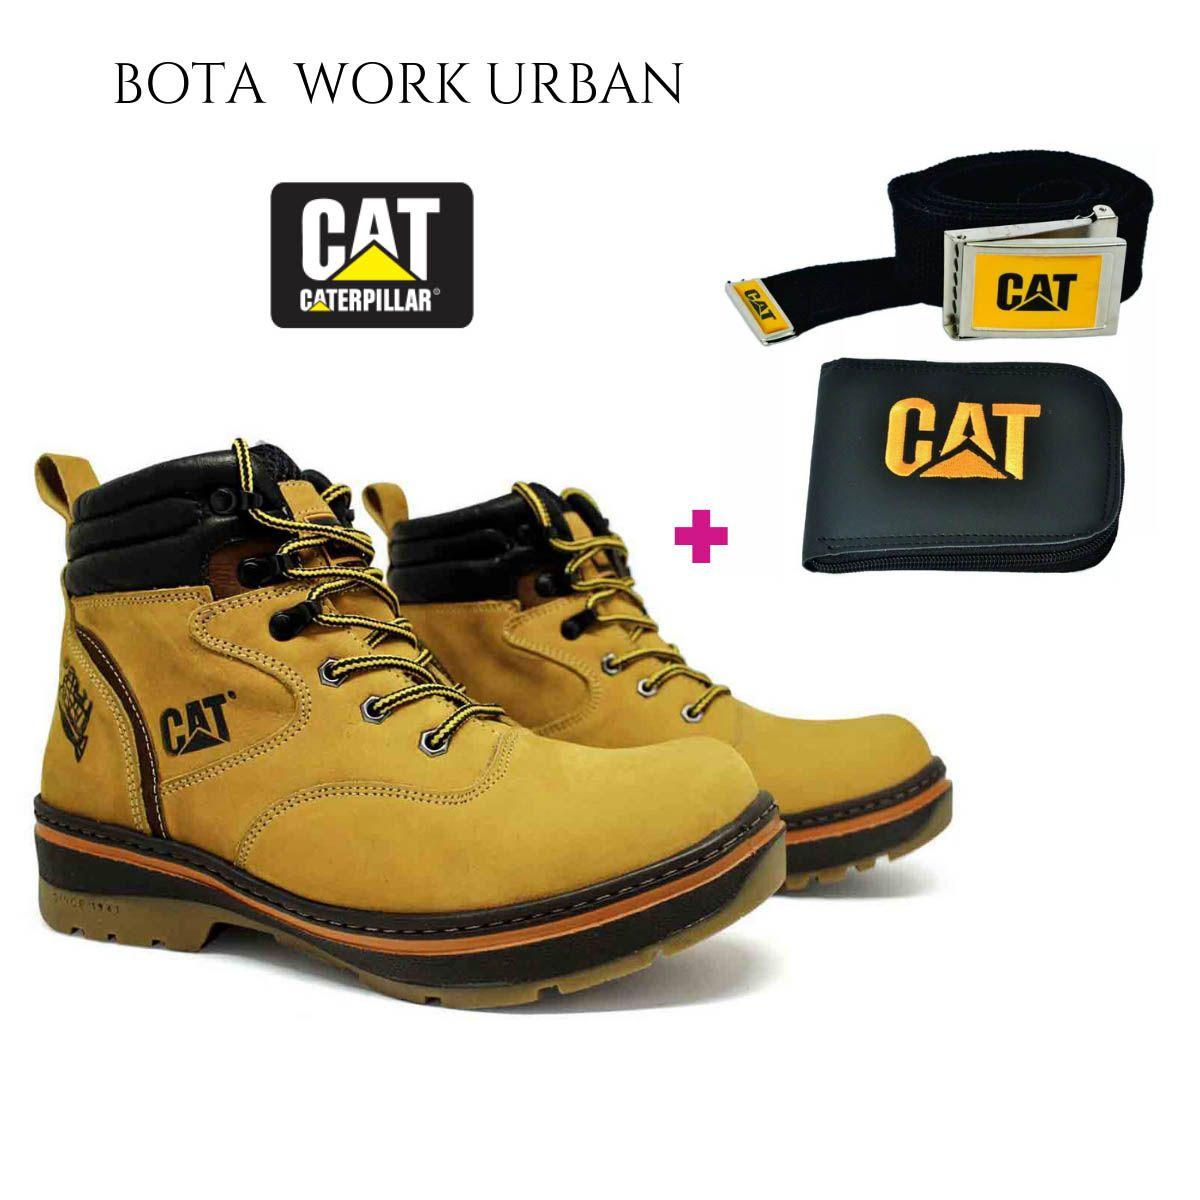 Bota Coturno Caterpillar Work Urban Couro Yellow + Brinde Carteira e Cinto Cat